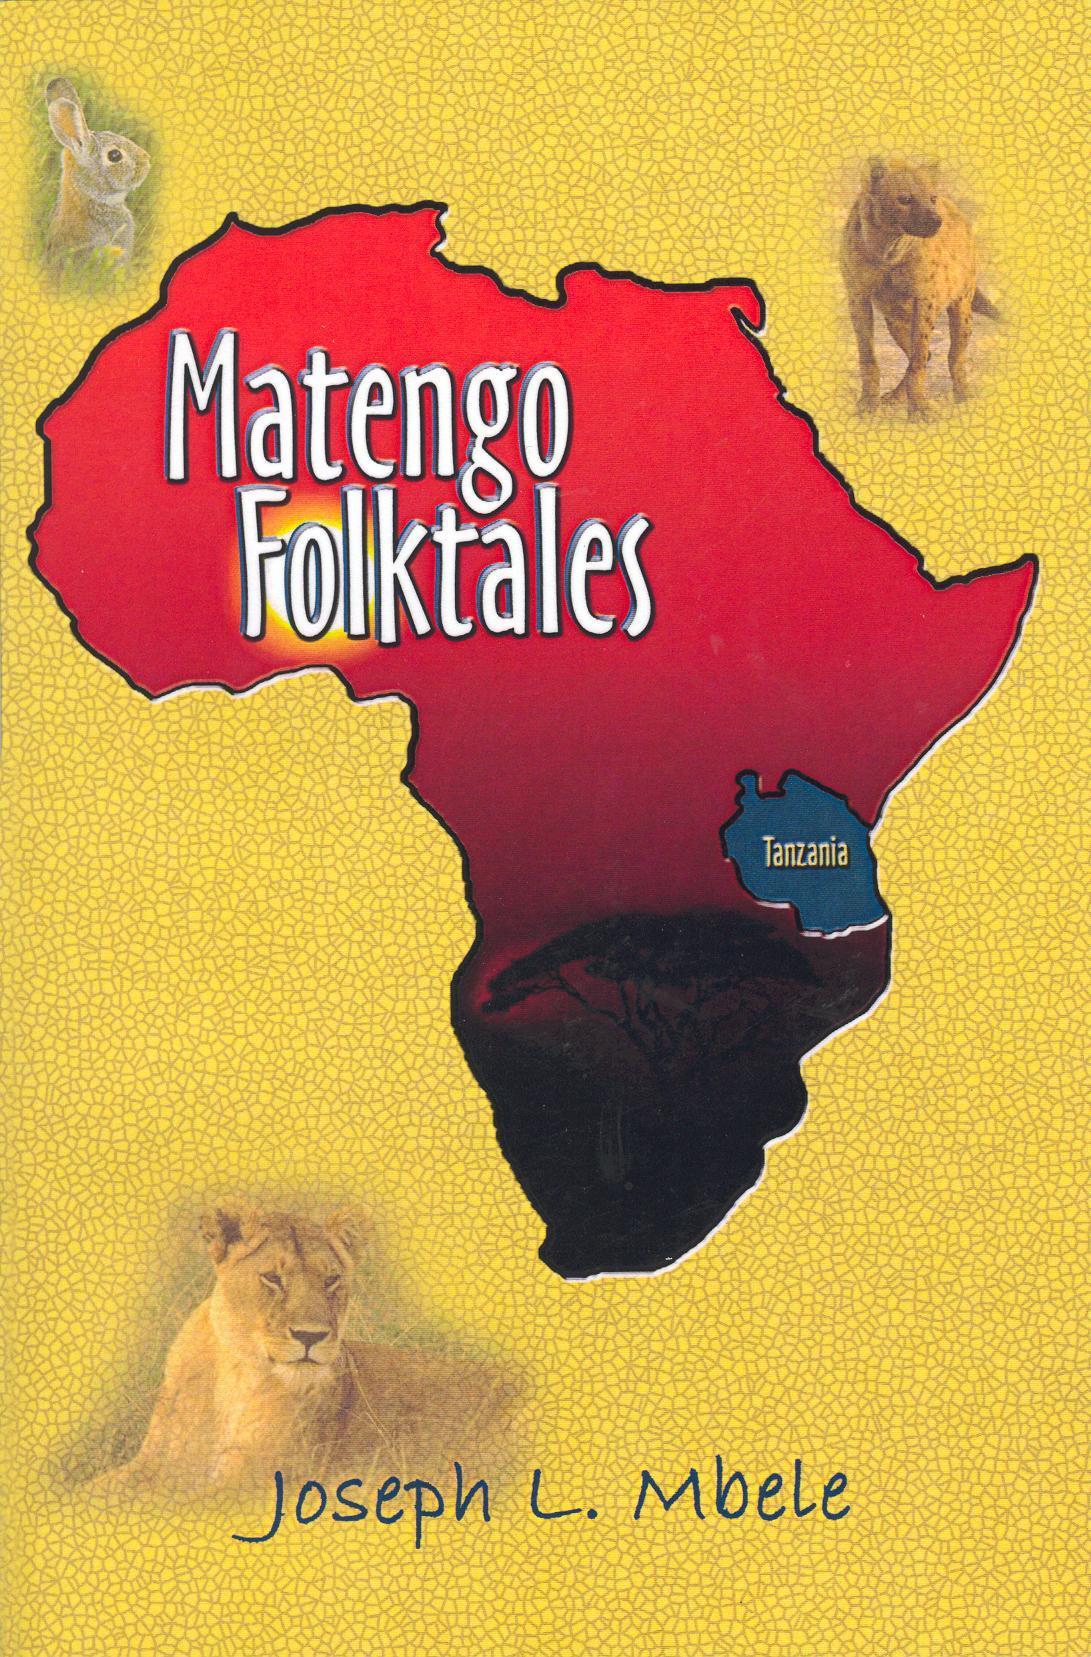 Matengo Folktales